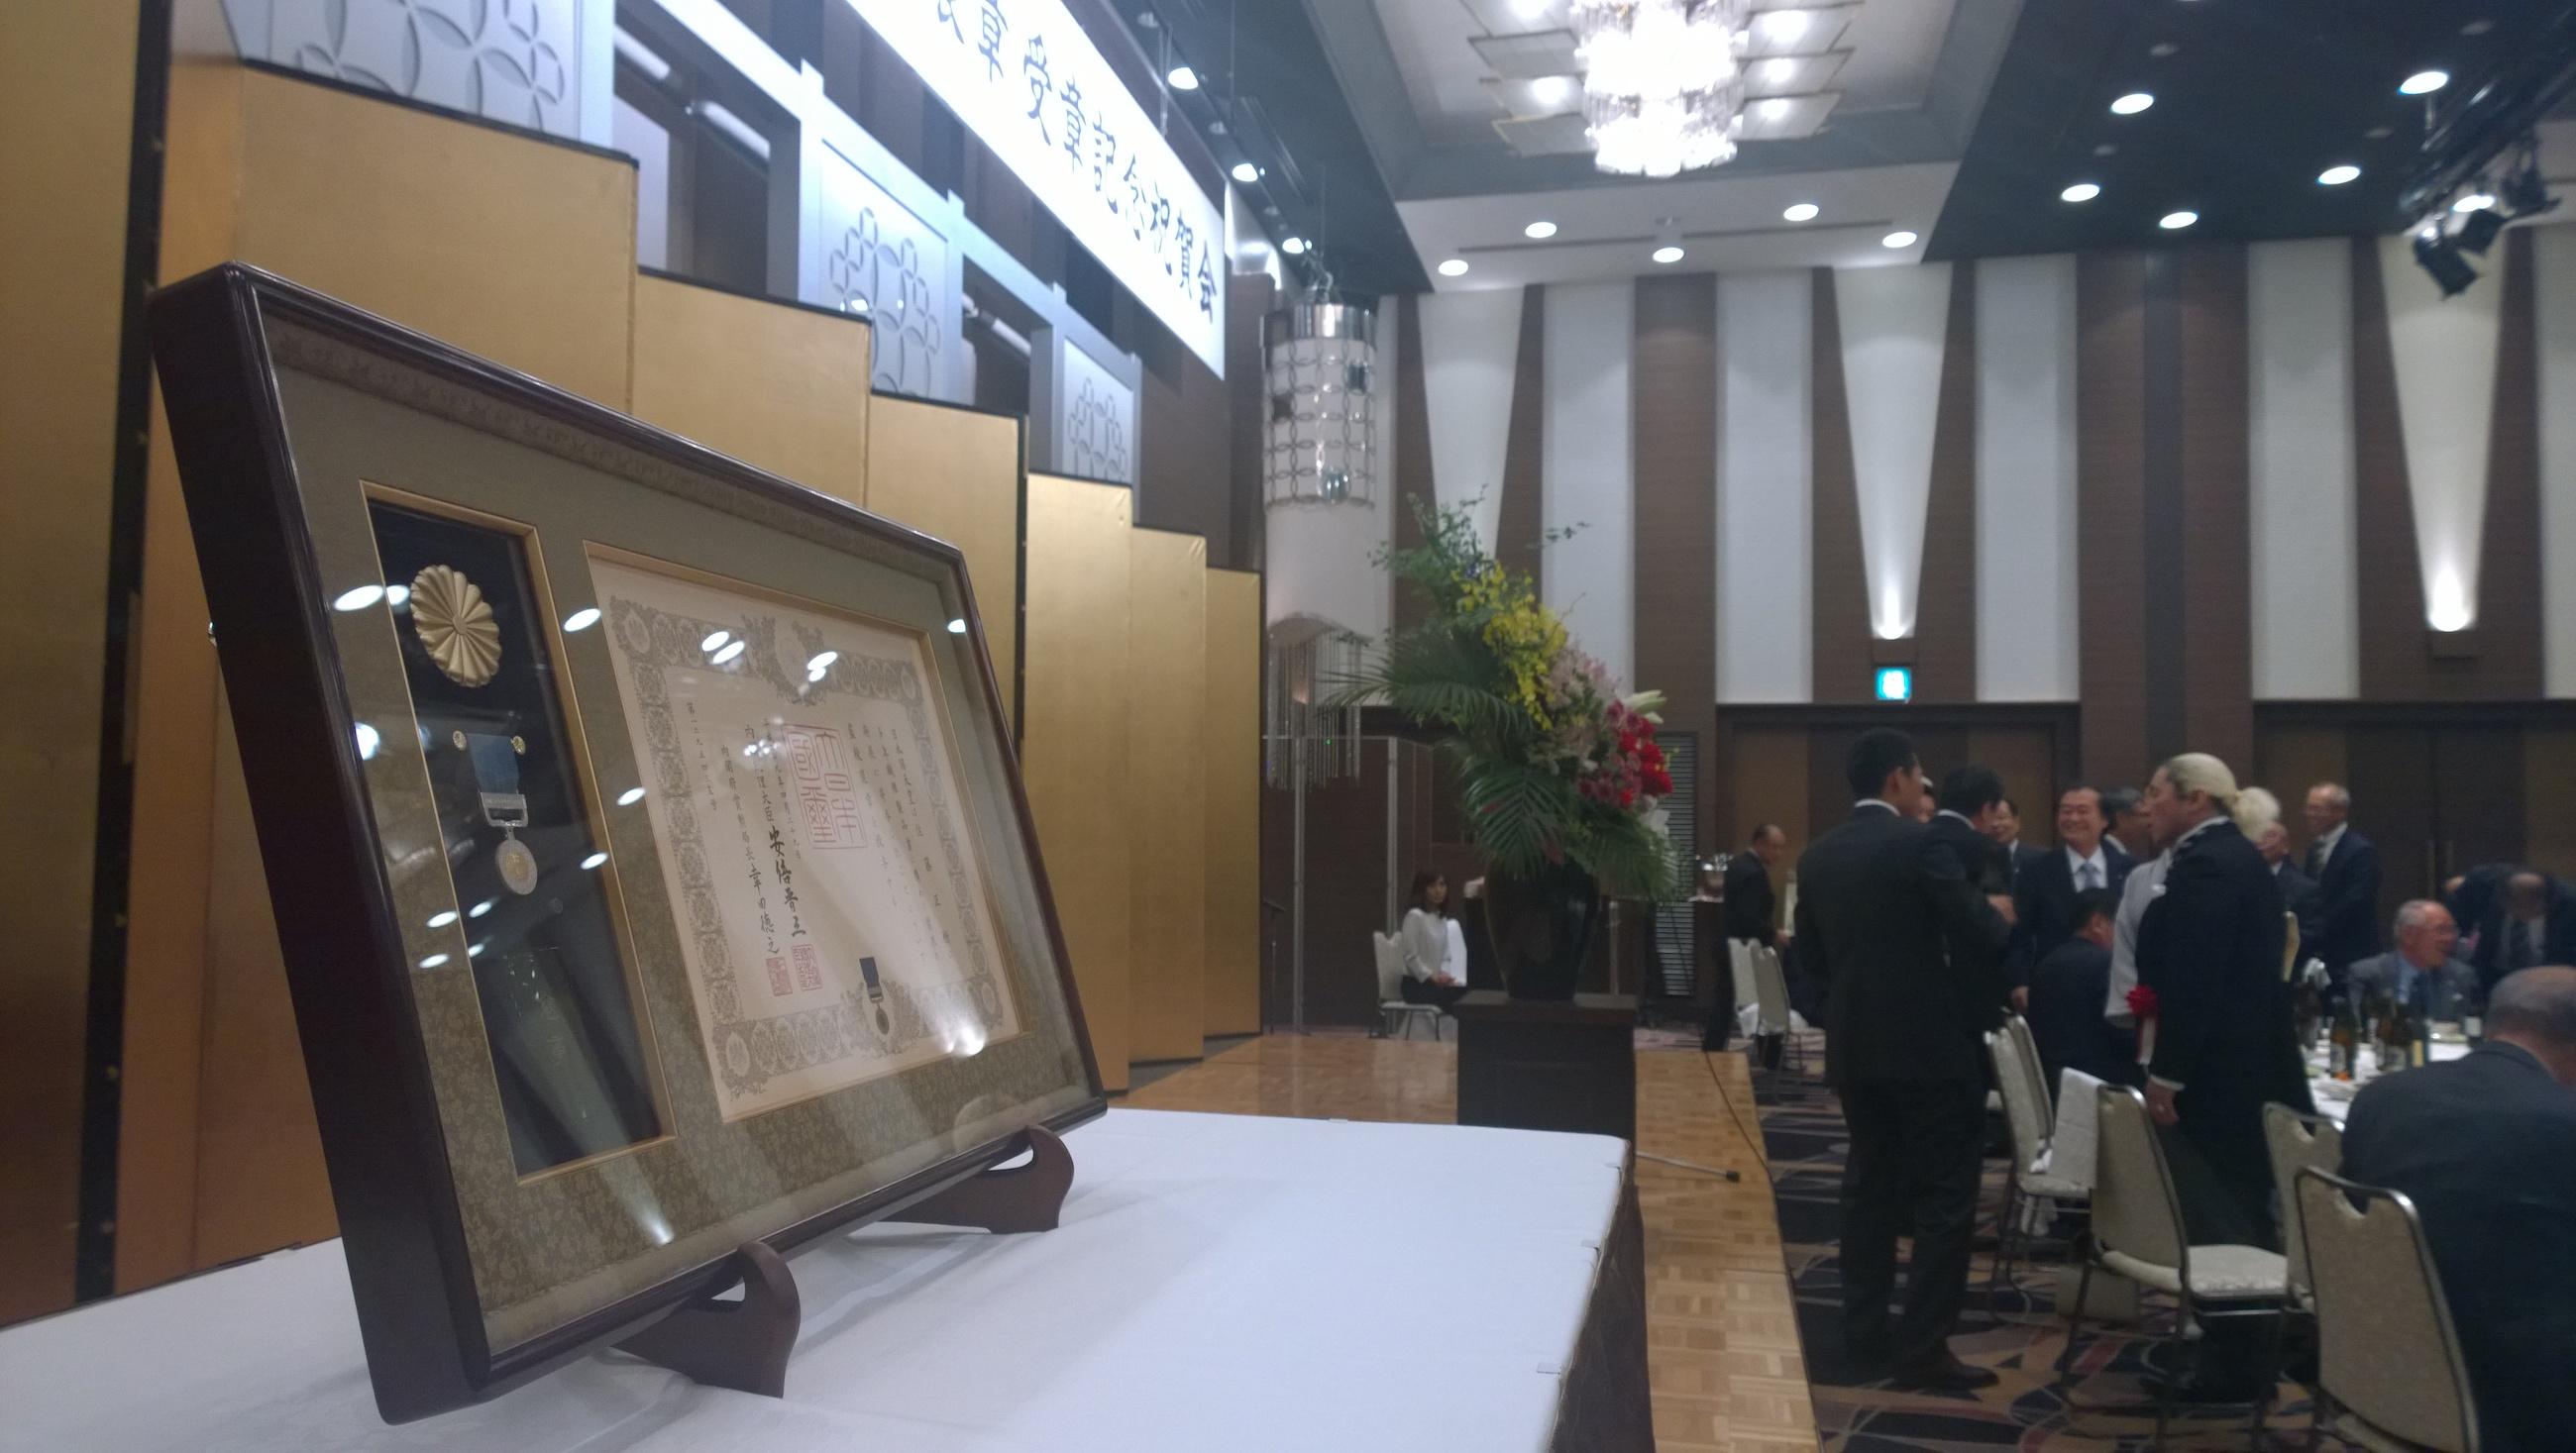 藍綬褒章受賞 記念祝賀会の写真